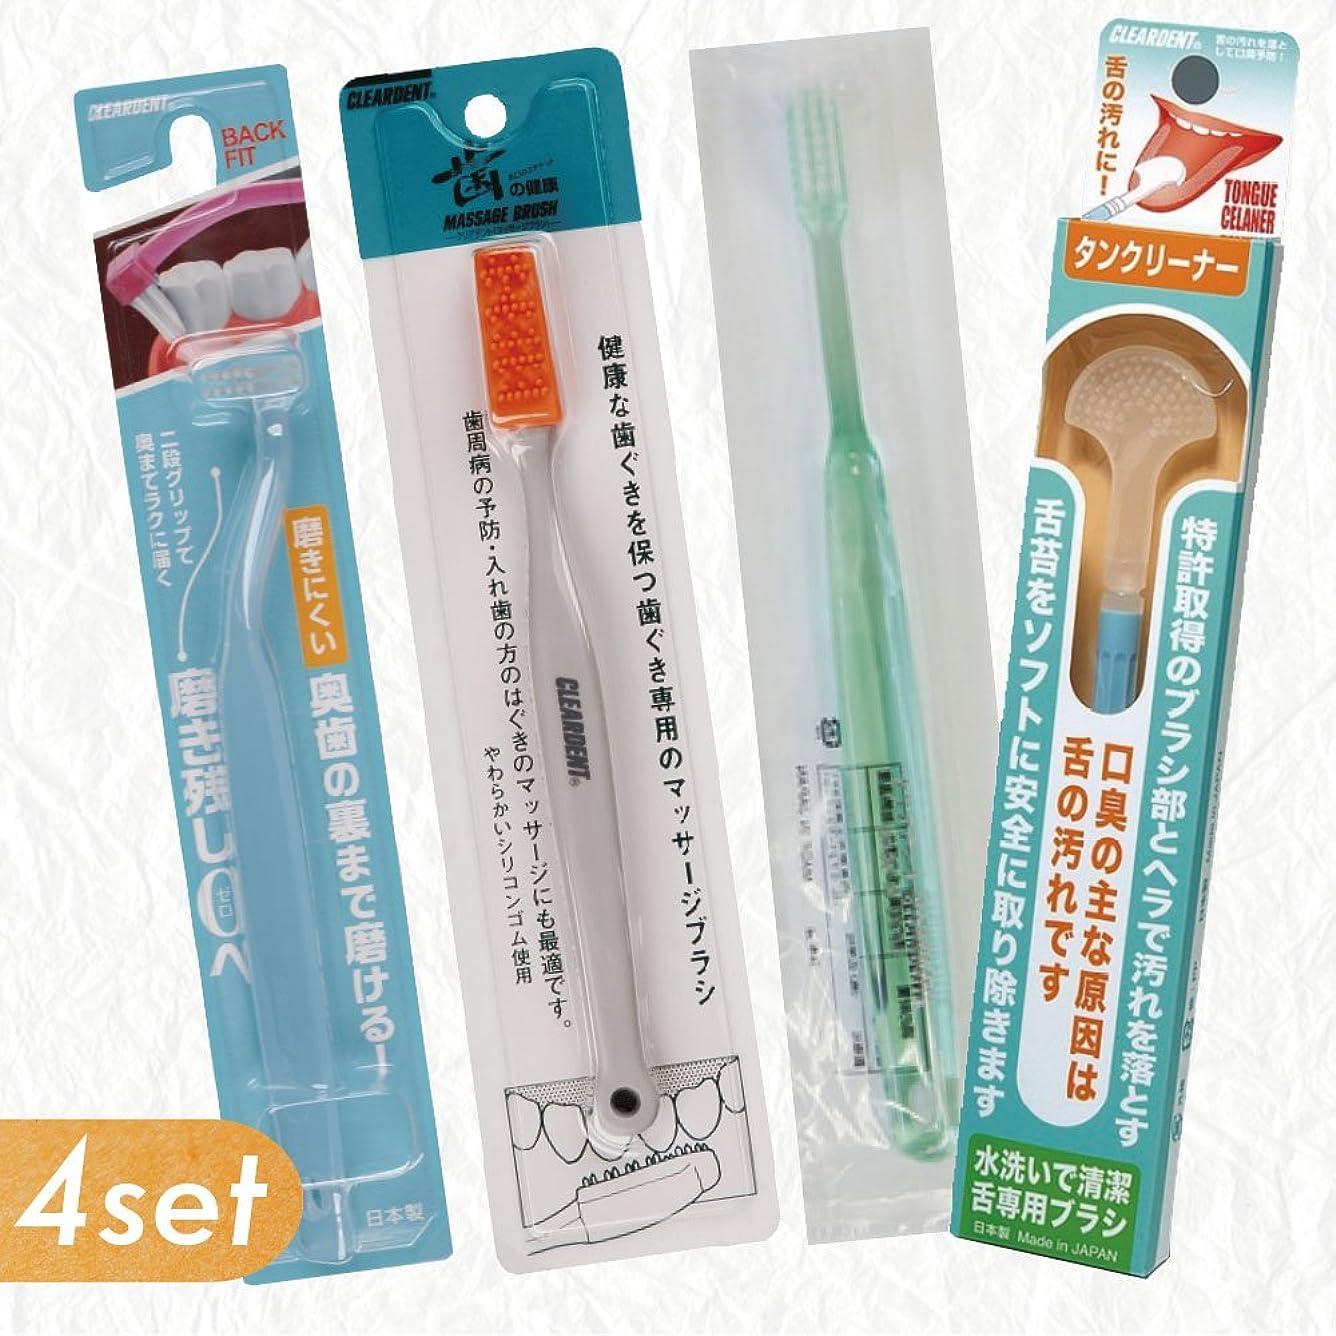 定期的刃レオナルドダ【CLEARDENT】(4点セット)はぐきマッサージブラシ+タンクリーナー+バックフィット+歯ブラシ各1本(色は指定できません。)